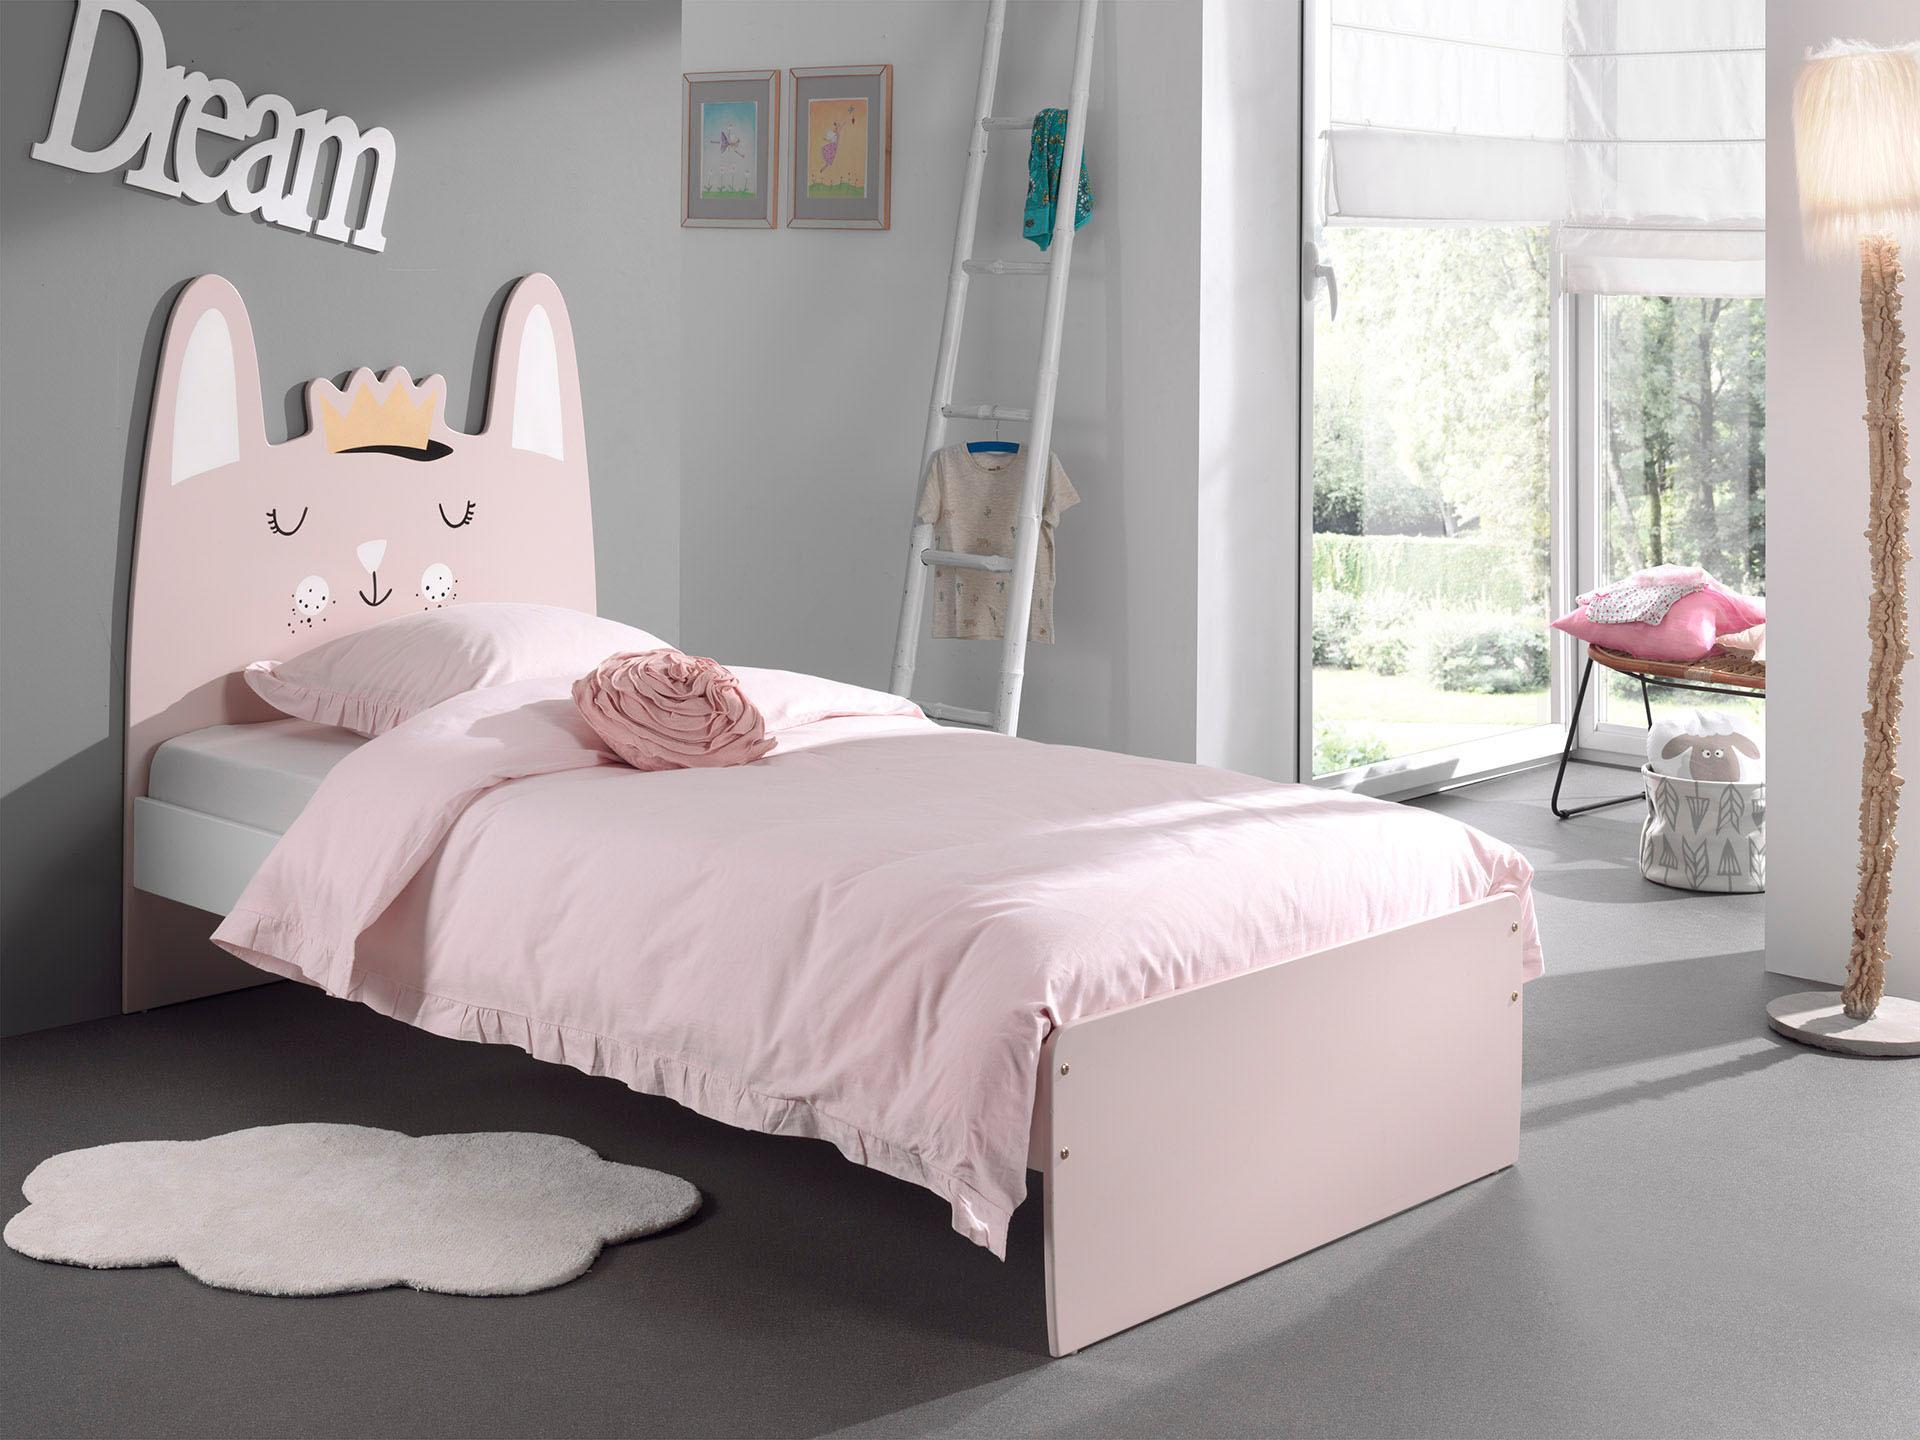 Vipack Kinderbett Wohnen/Möbel/Kindermöbel/Kindermöbel/Kinderbetten/Kinderbetten mit Bettkasten